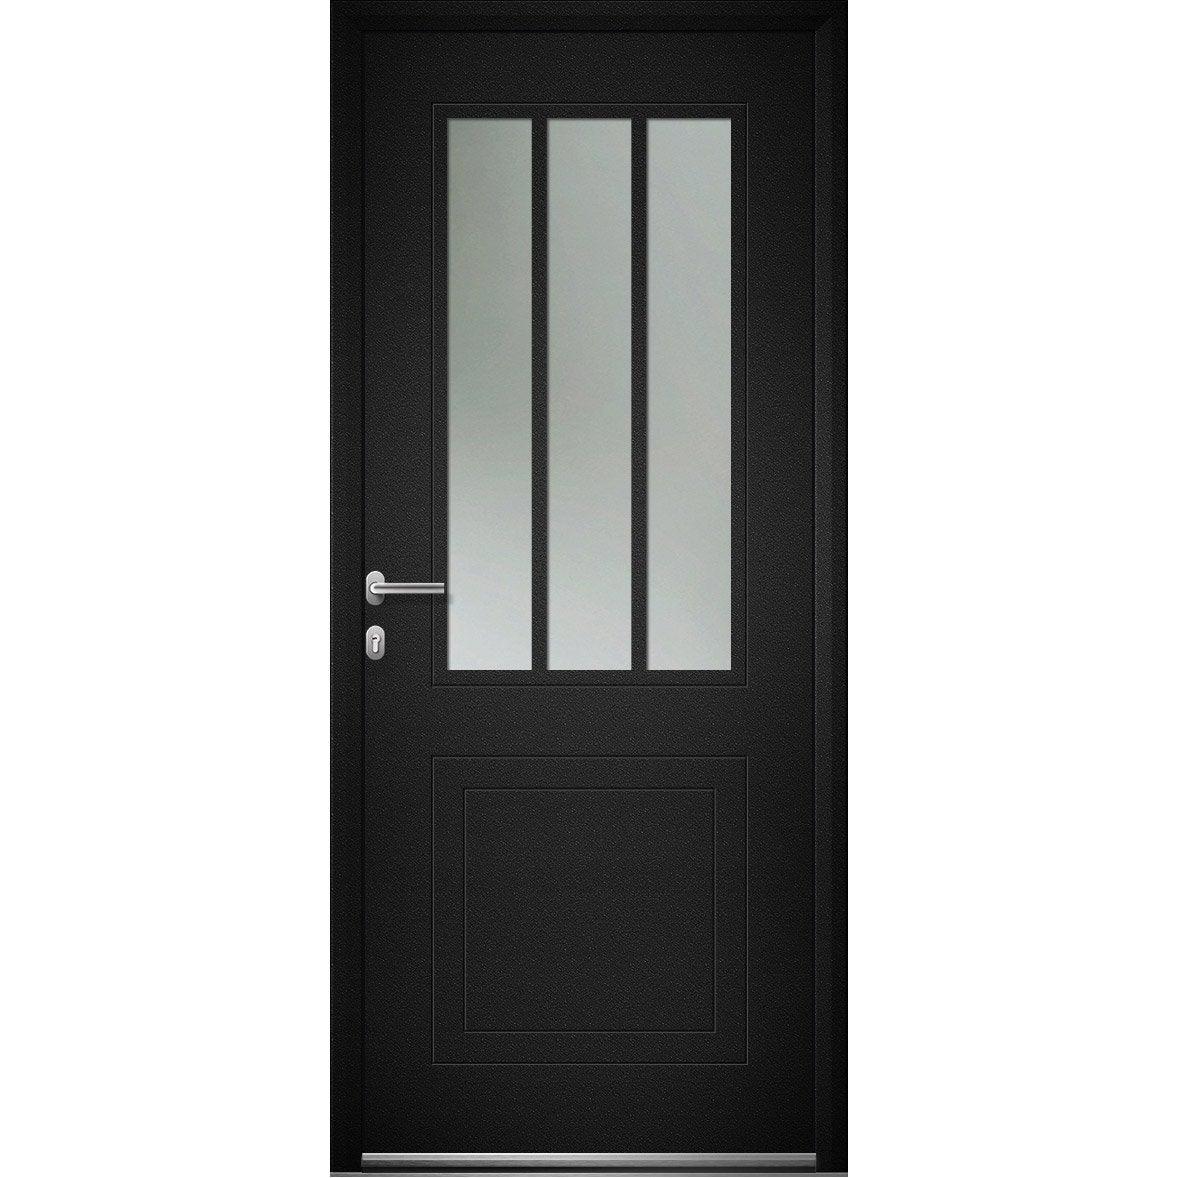 Porte D Entrée Alu Atelier Premium H 215 X L 90 Cm Vitrée Noir Pd